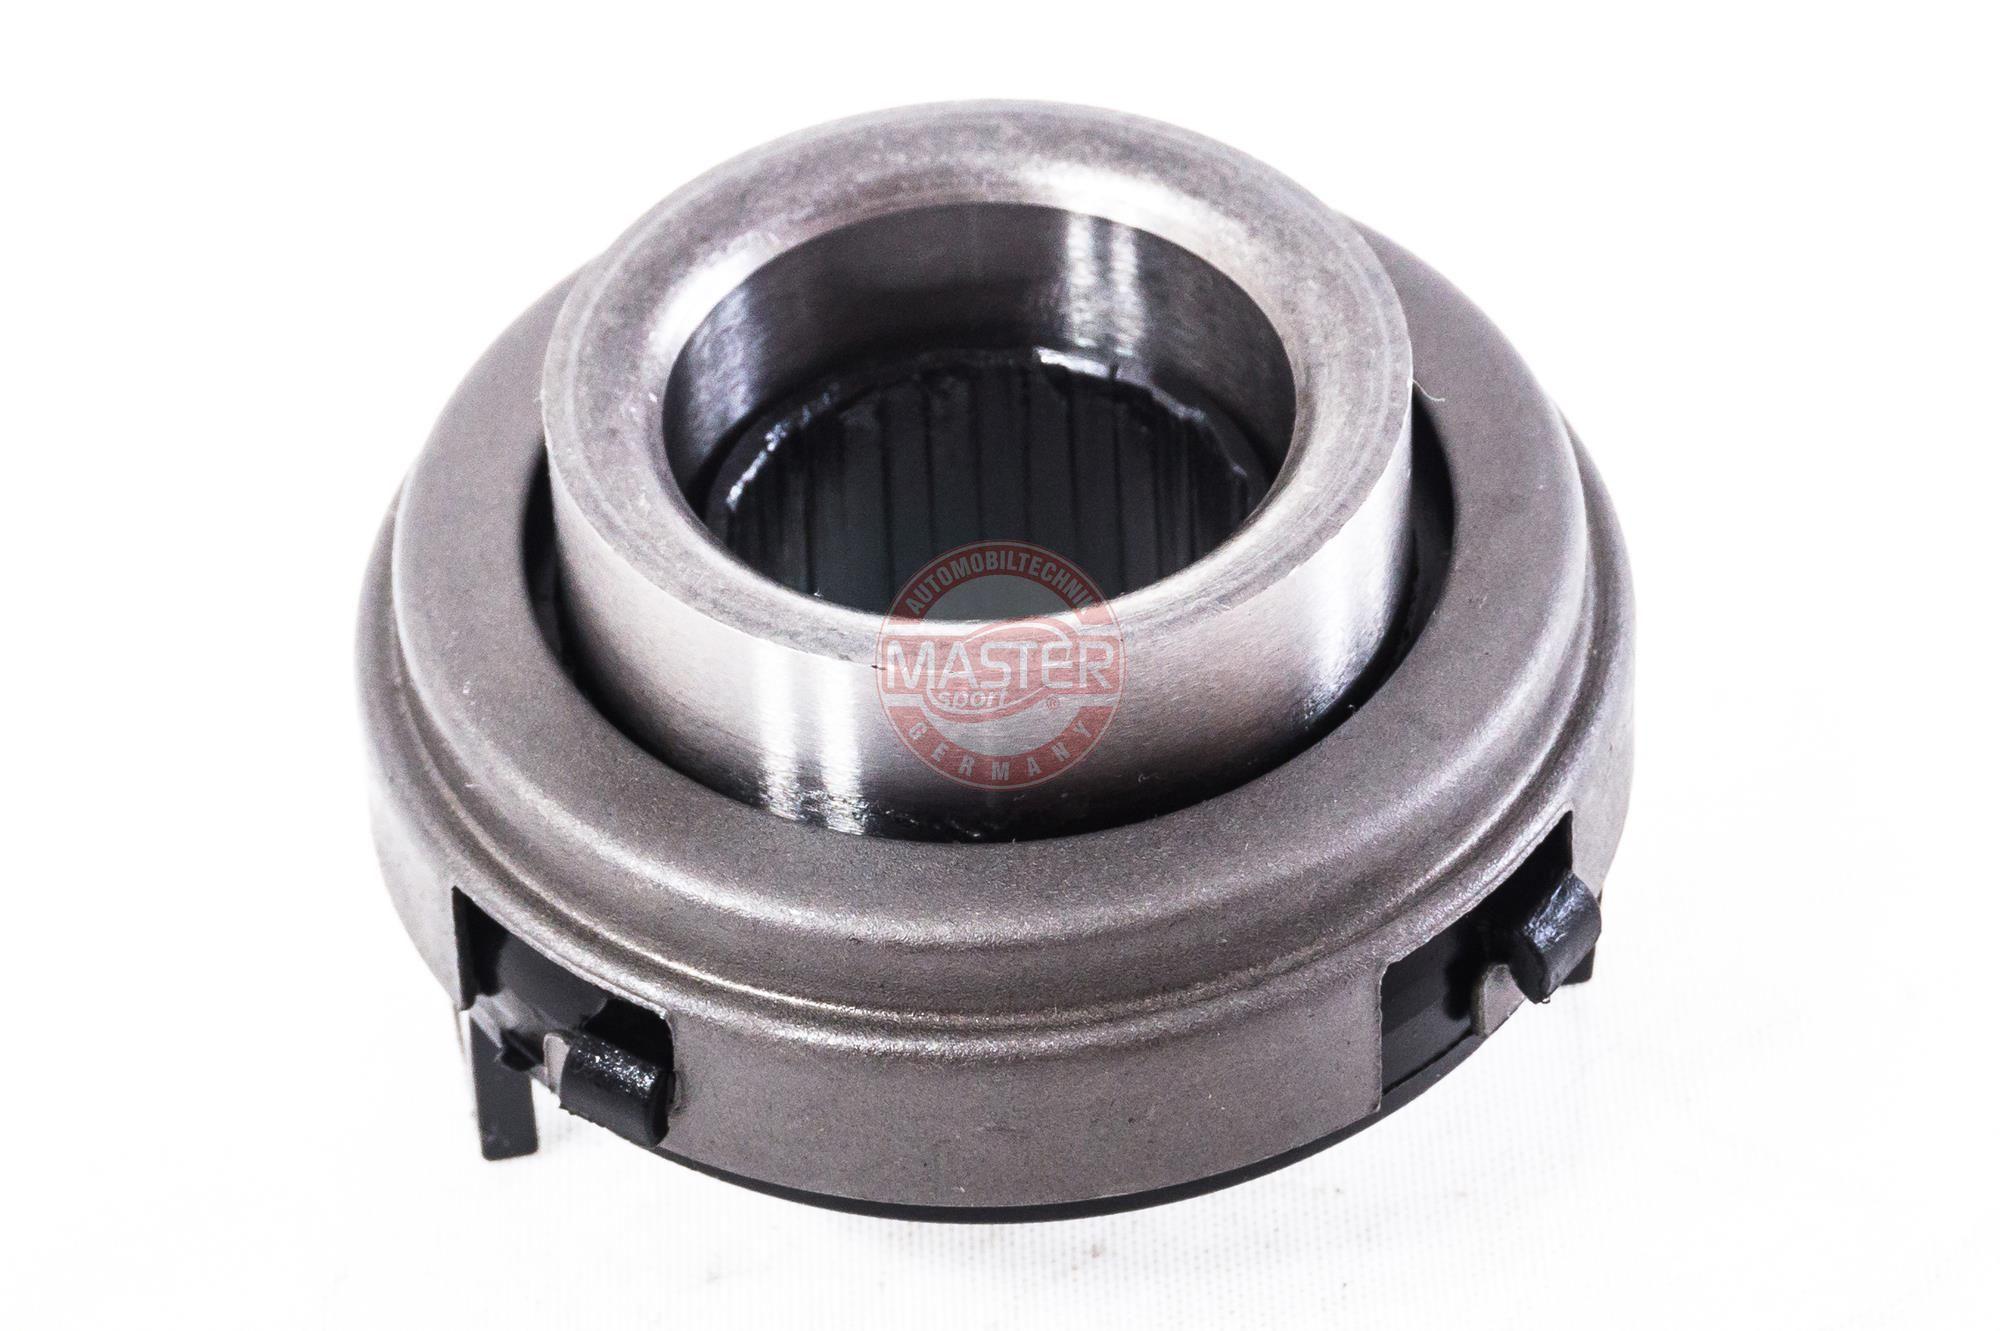 Achetez Carrosserie MASTER-SPORT 6000544078-ST-PCS-MS () à un rapport qualité-prix exceptionnel